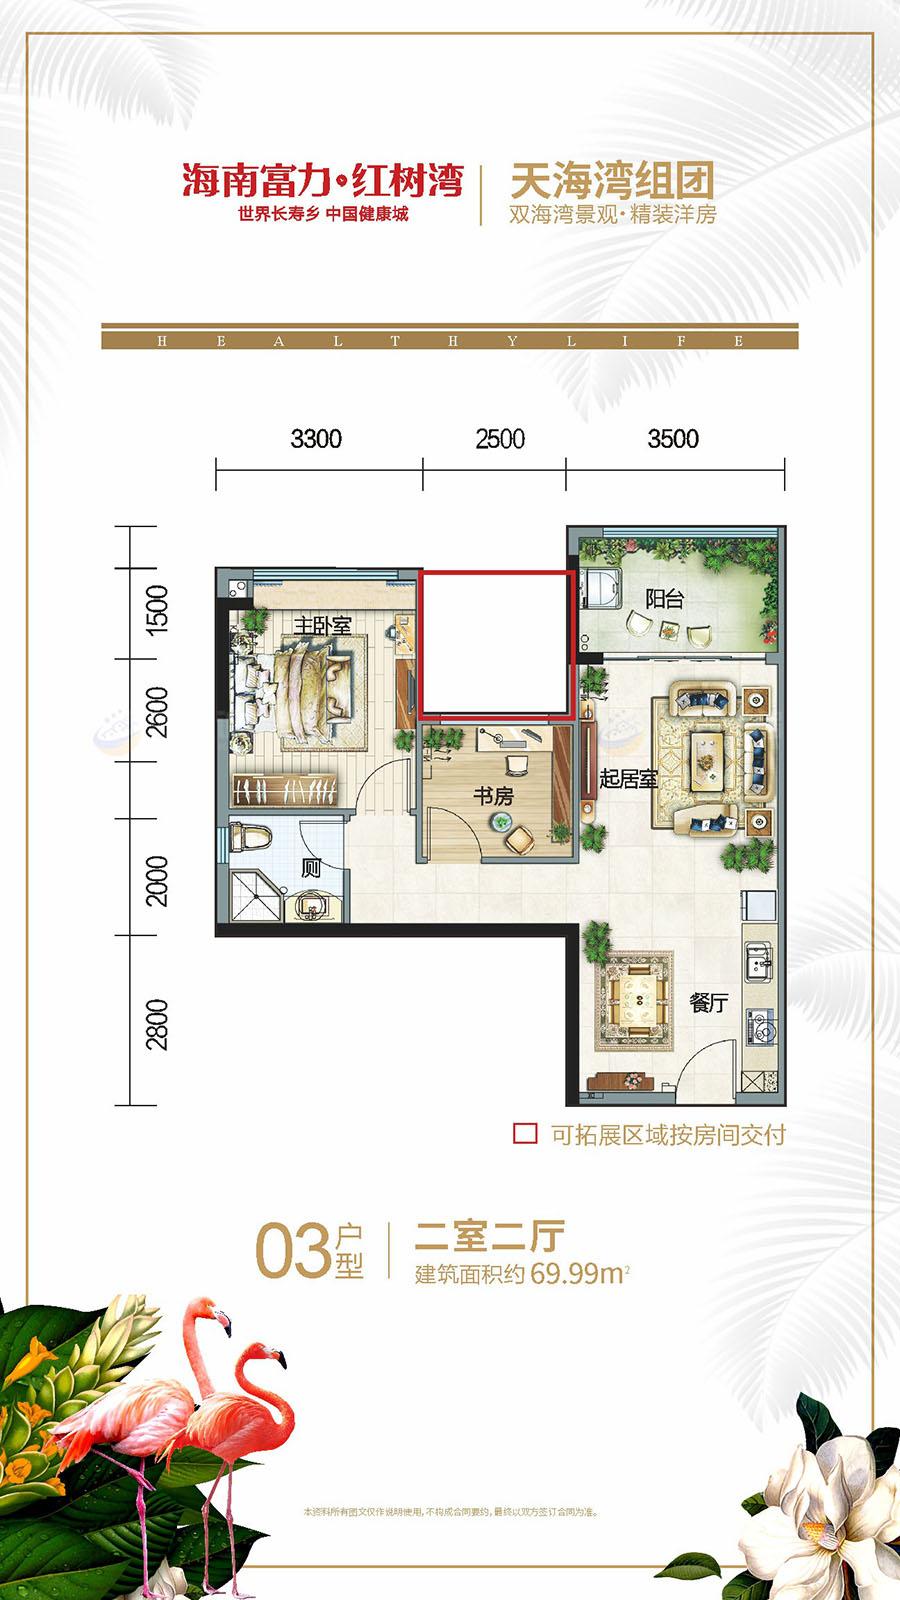 富力紅樹灣2房2廳1衛 (建筑面積:69.99㎡)